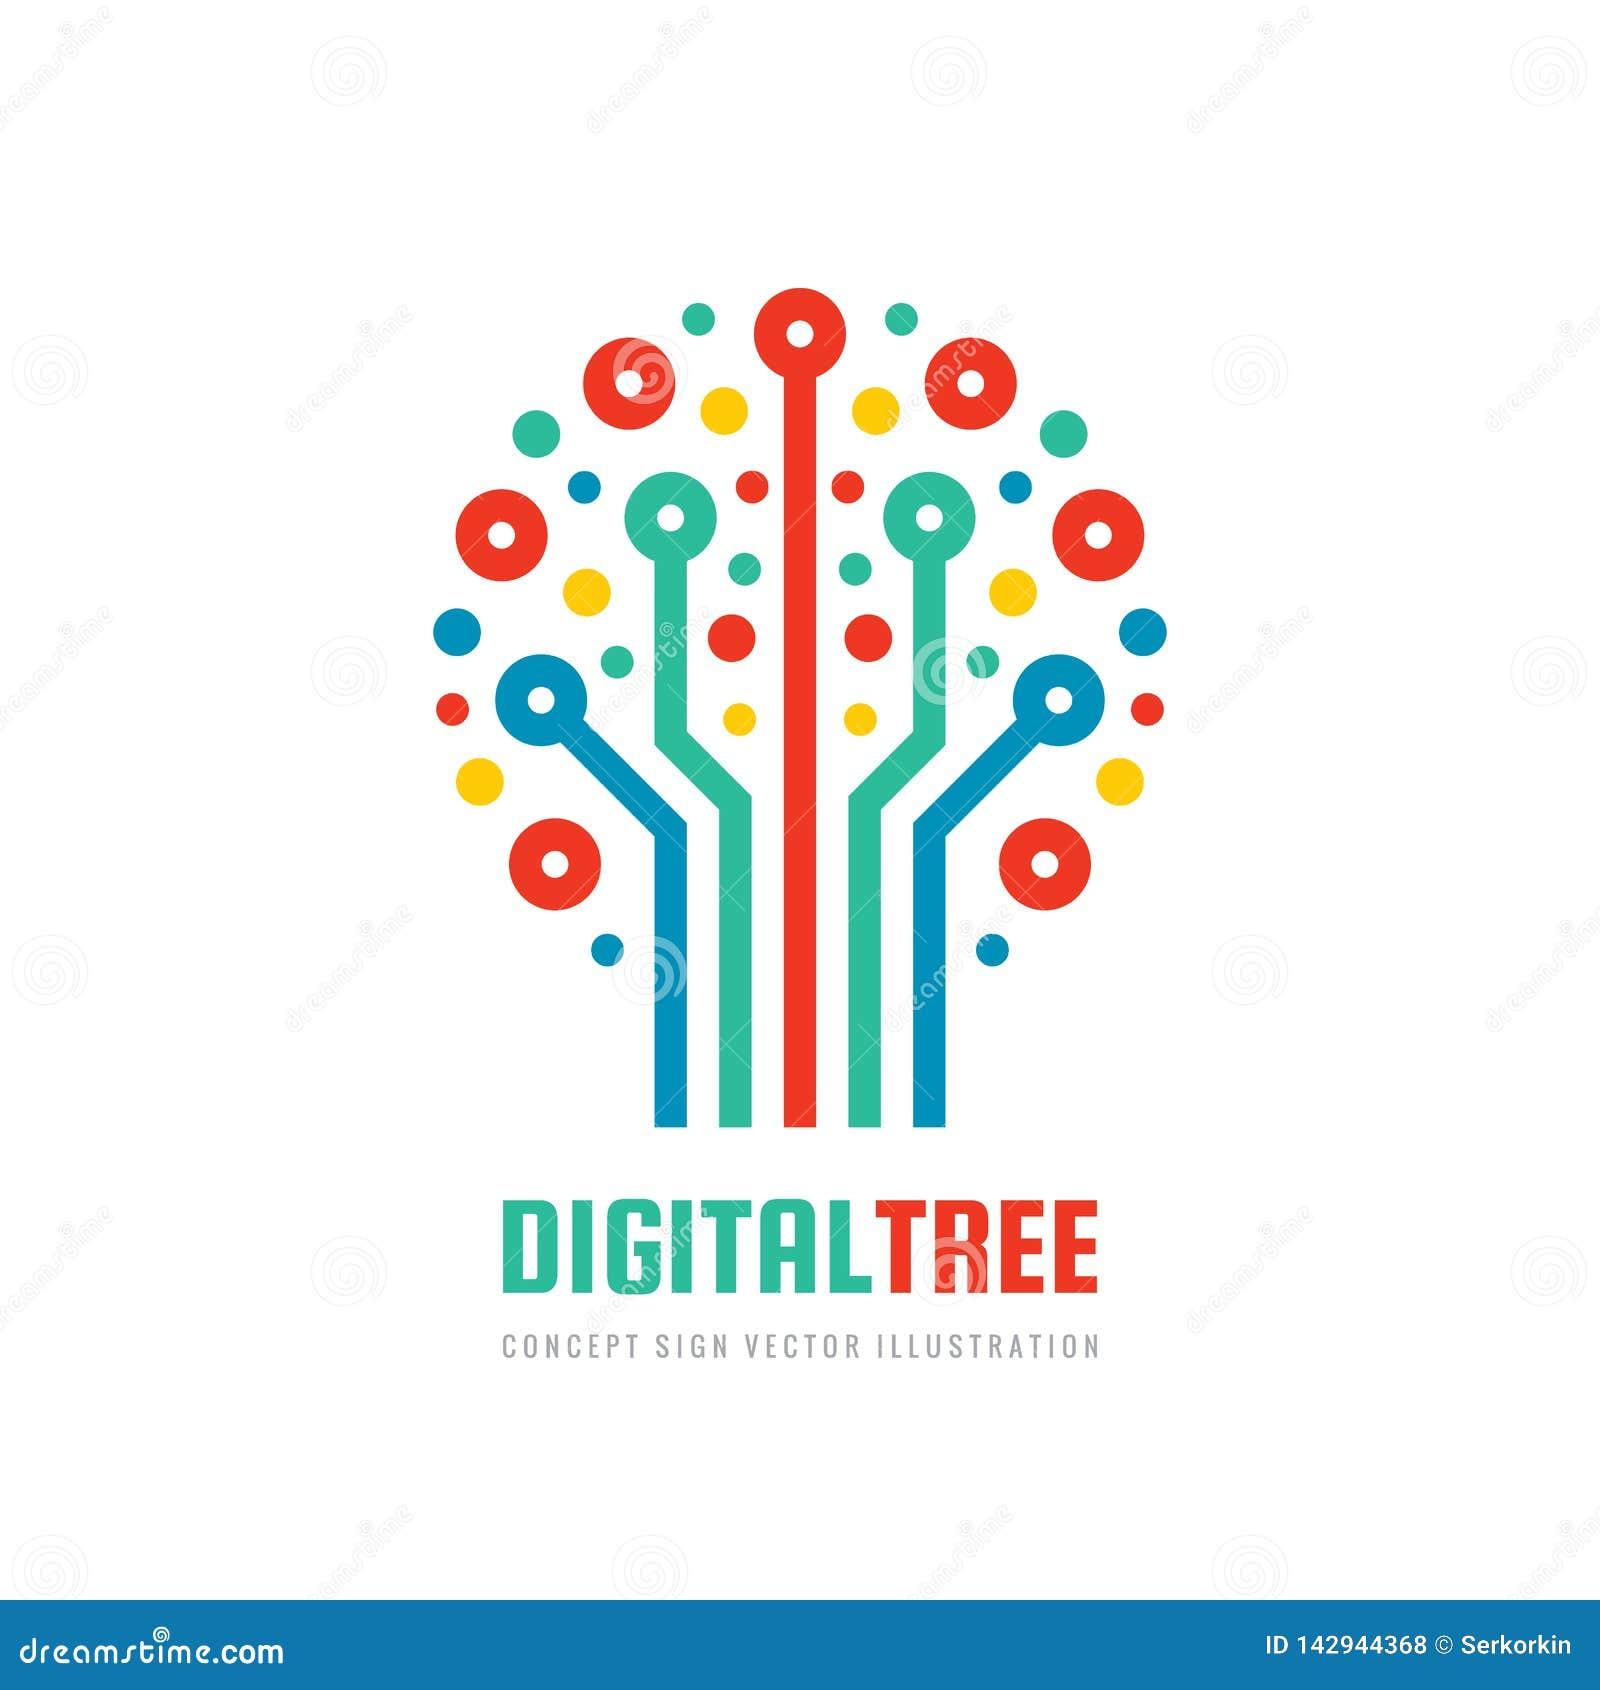 数字树-矢量商业徽标模板概念平面图 计算机网络标志 电子图形设计